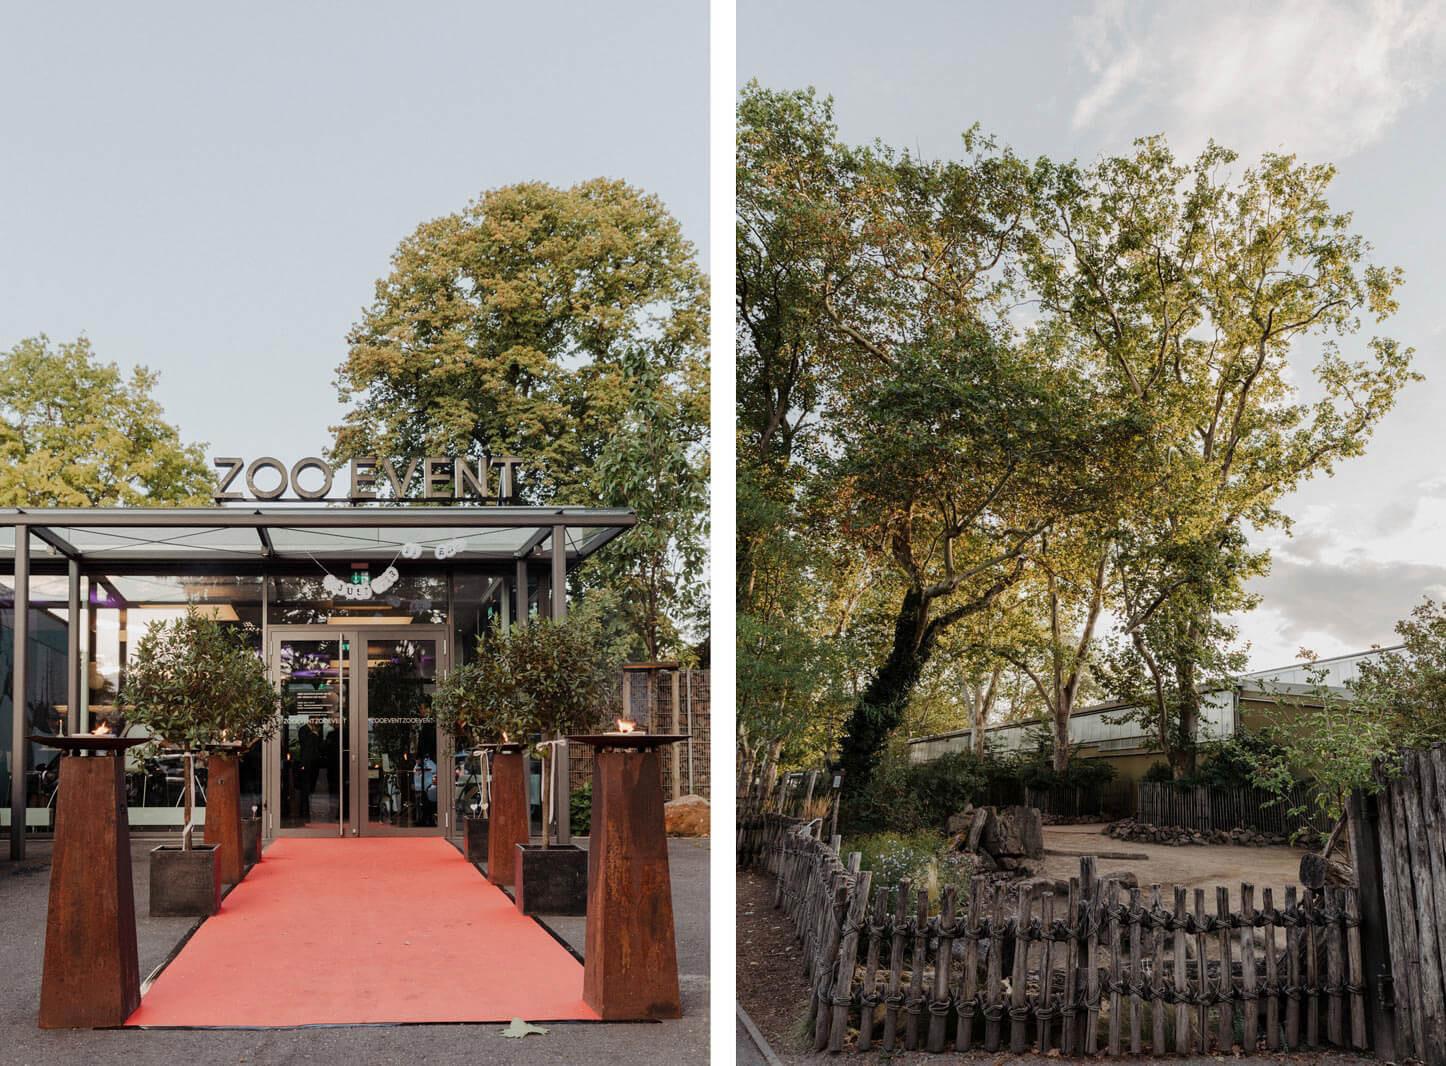 Hochzeit im Zoo event Köln